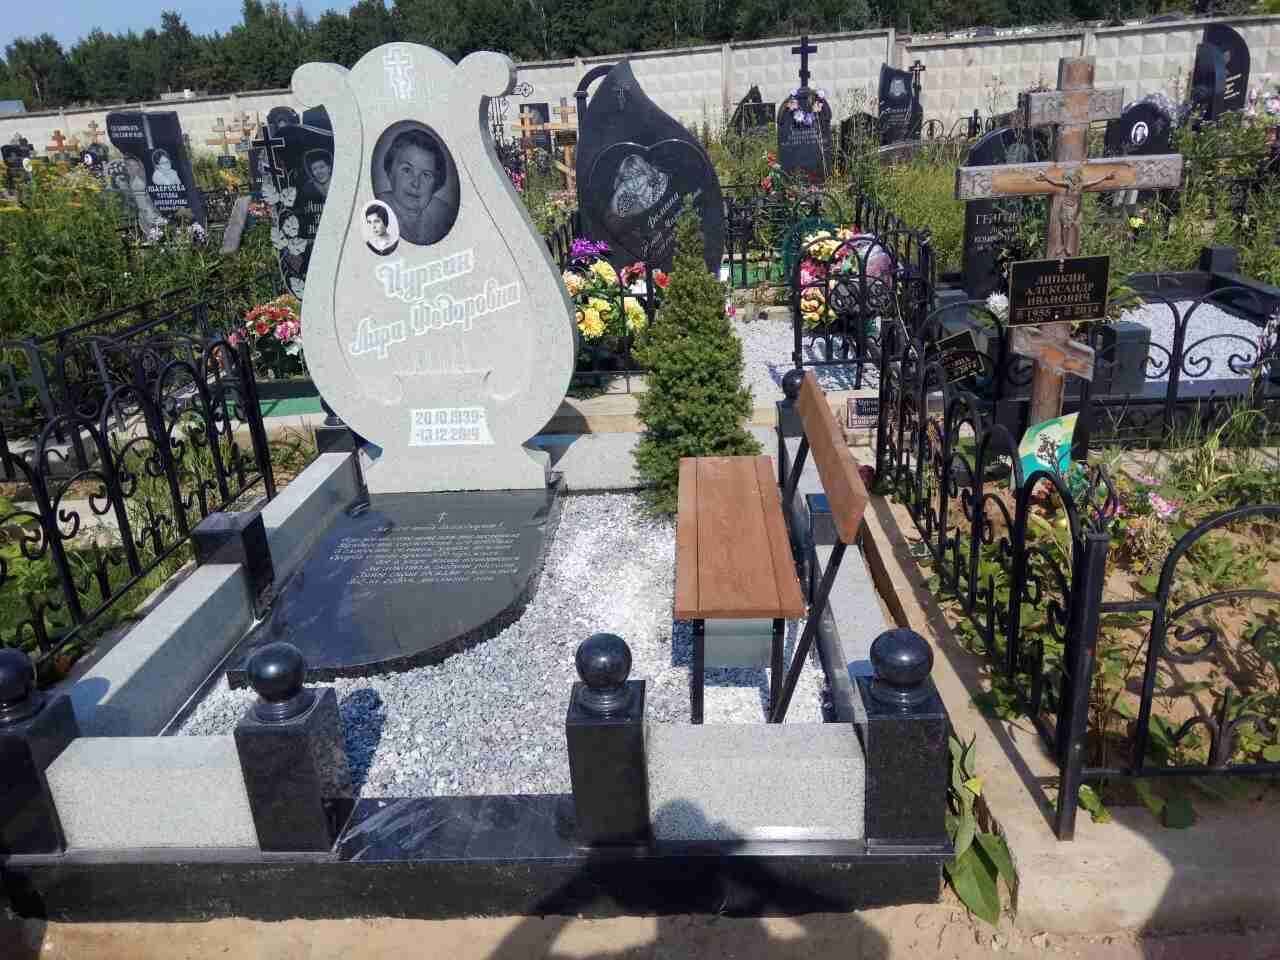 Изготовление памятников гранитные мастерские гранитные памятники москва гнивань